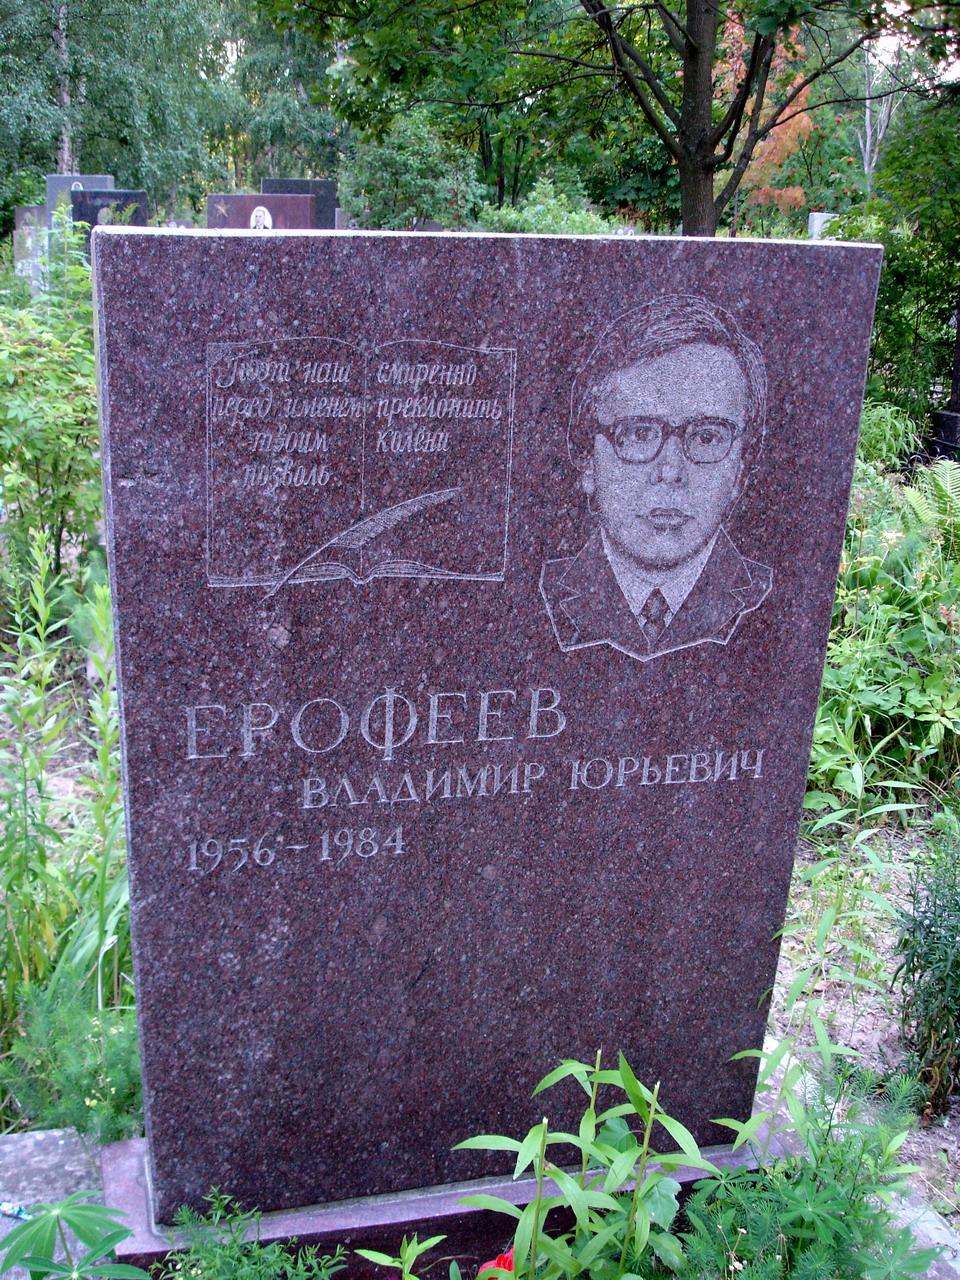 Могила Ерофеева В.Ю. на Стрельнинском кладбище